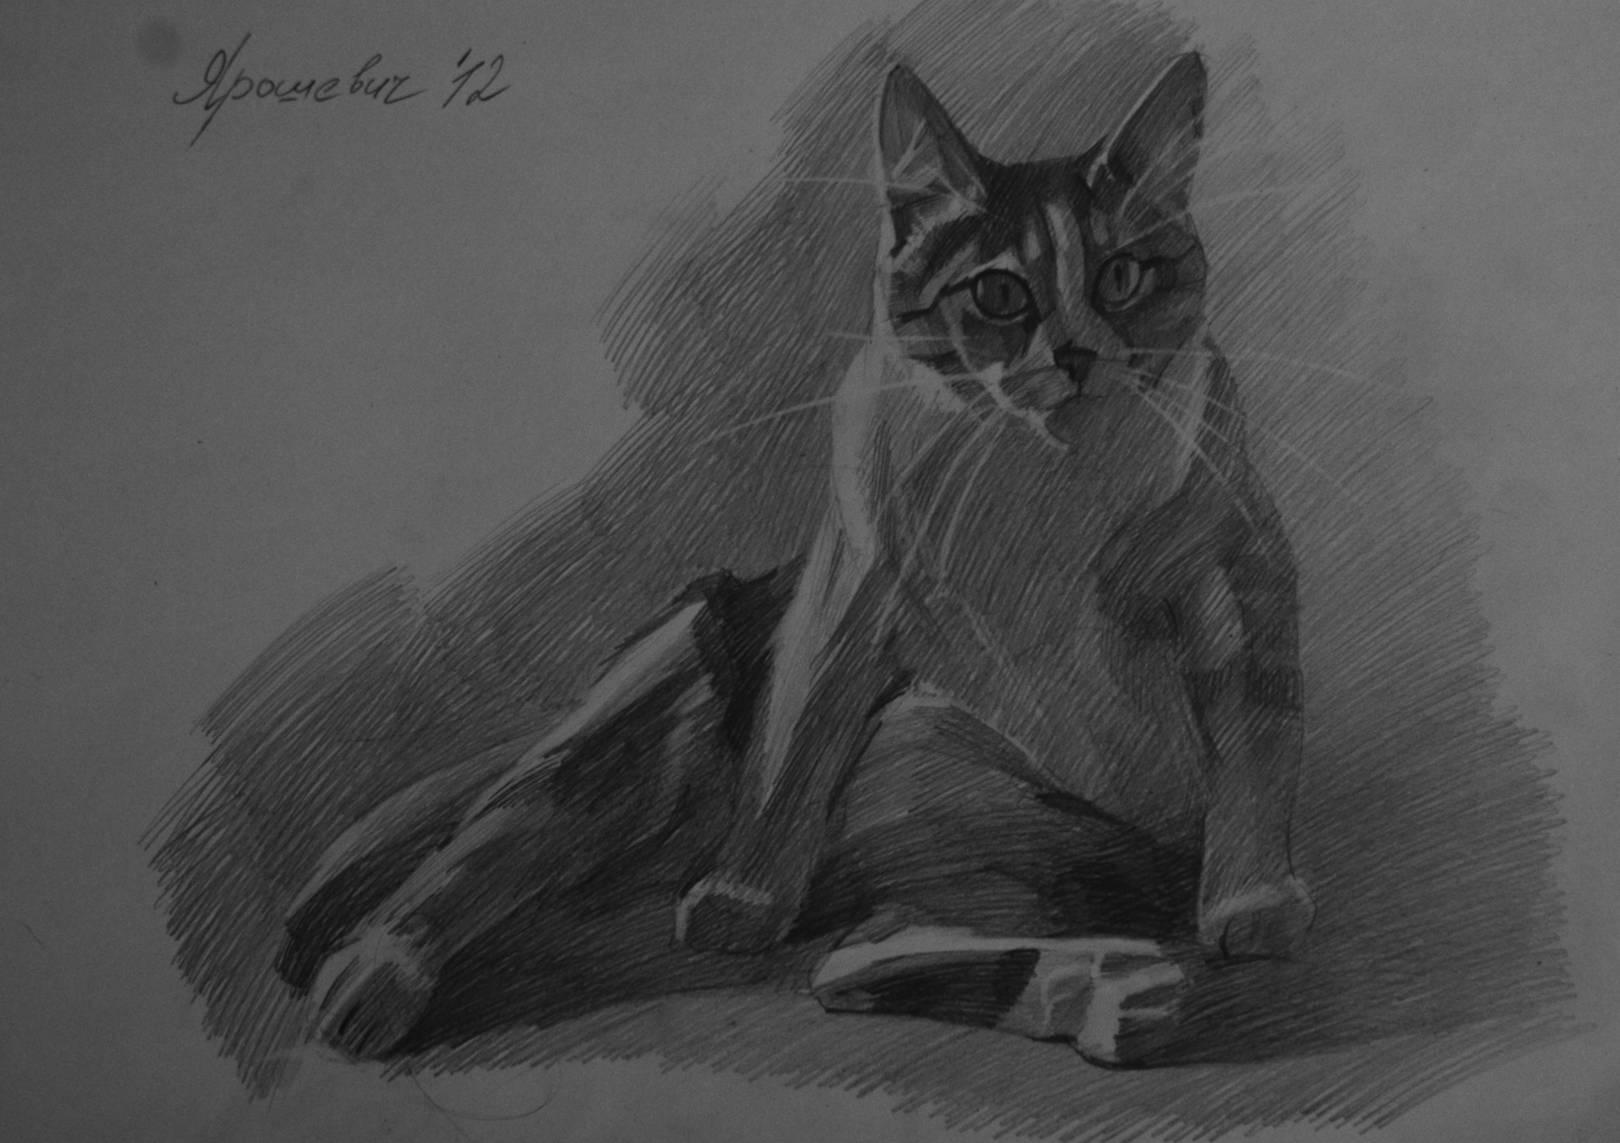 Кошки в графике)